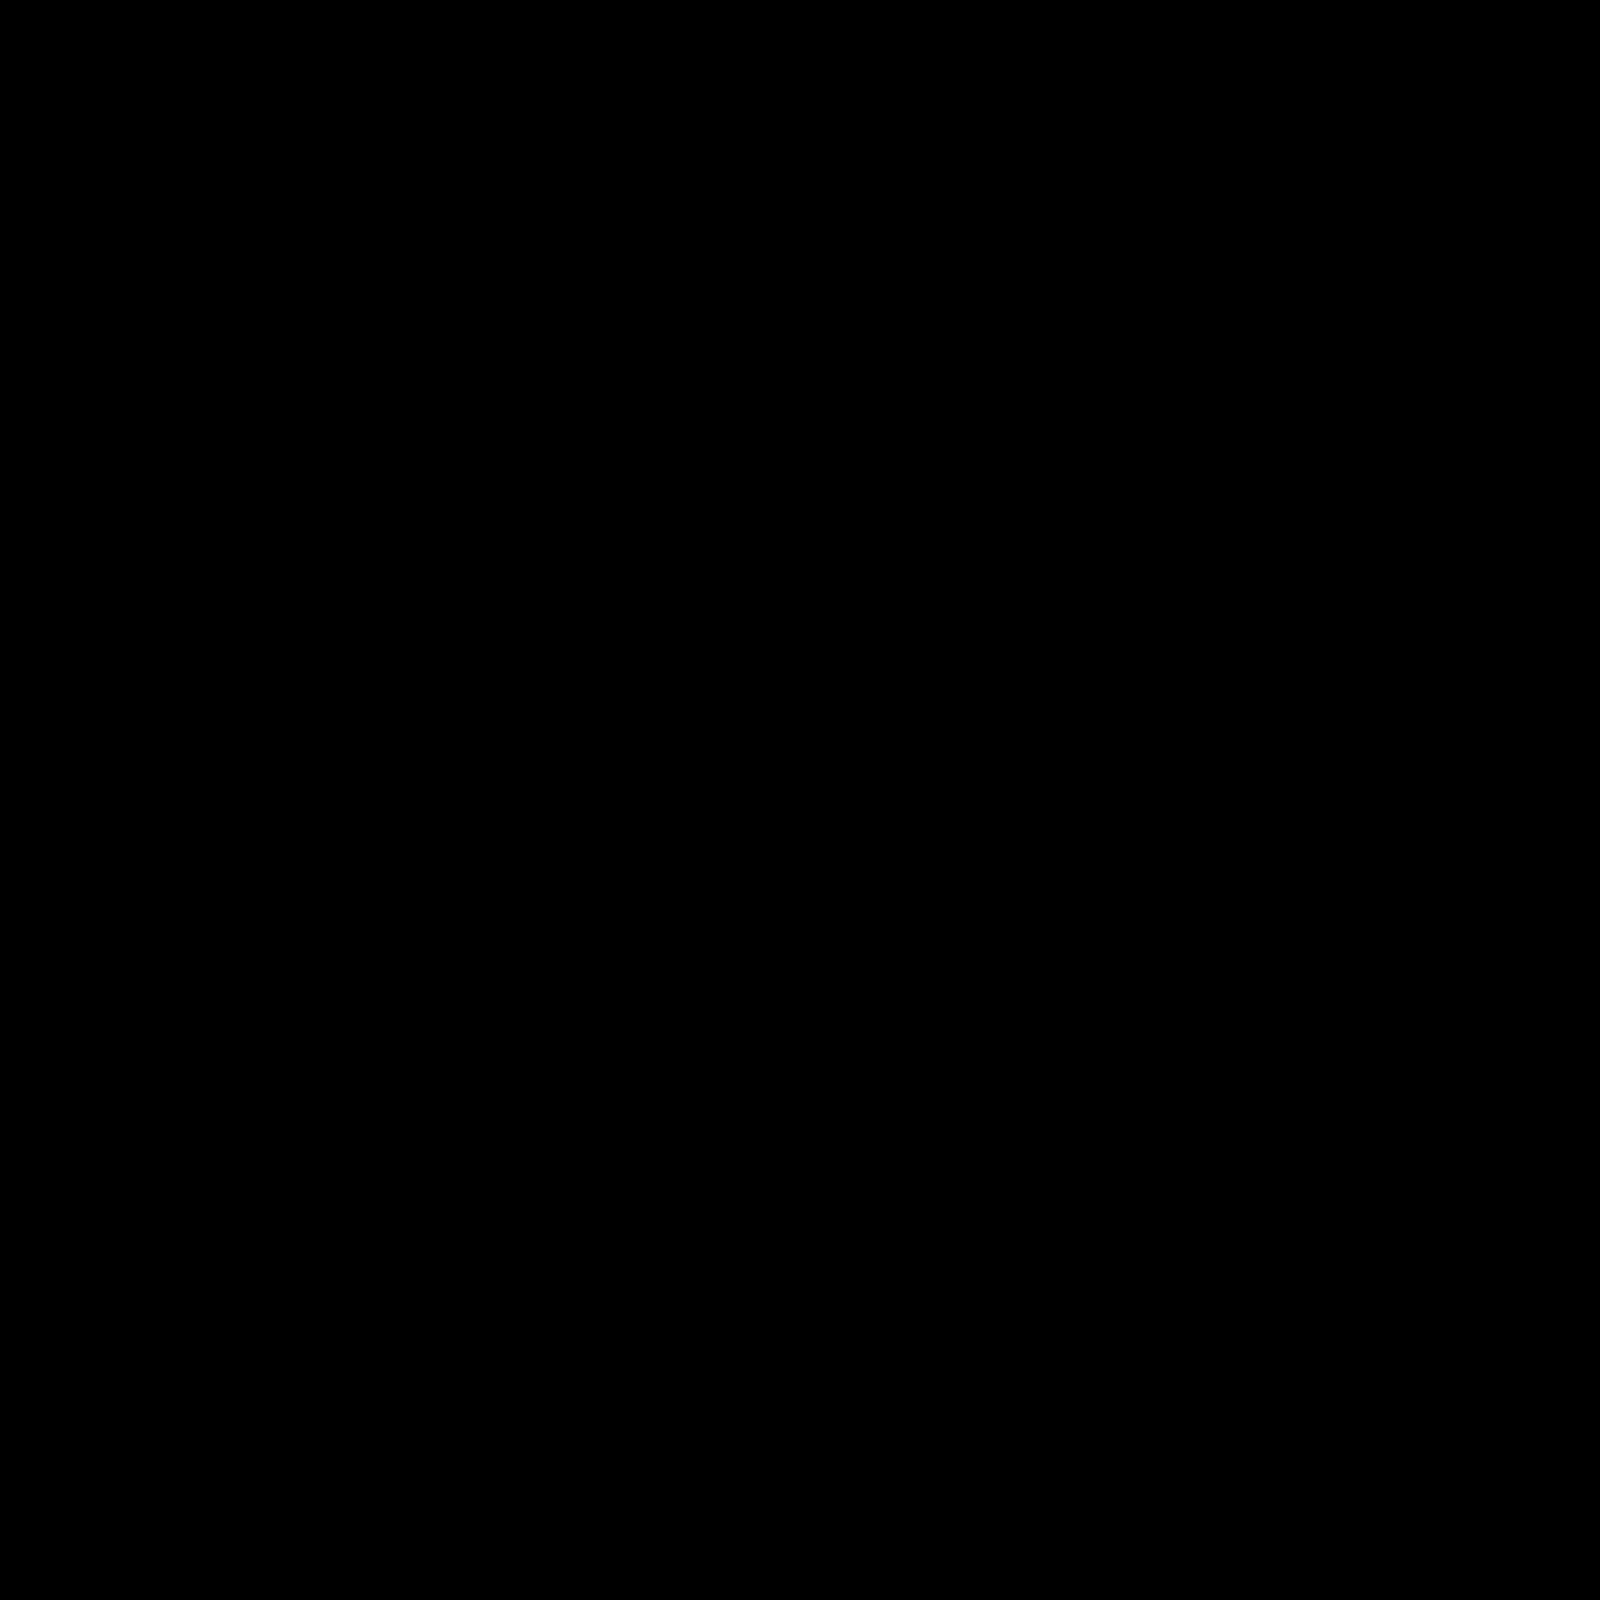 1600x1600 Youtube Icon